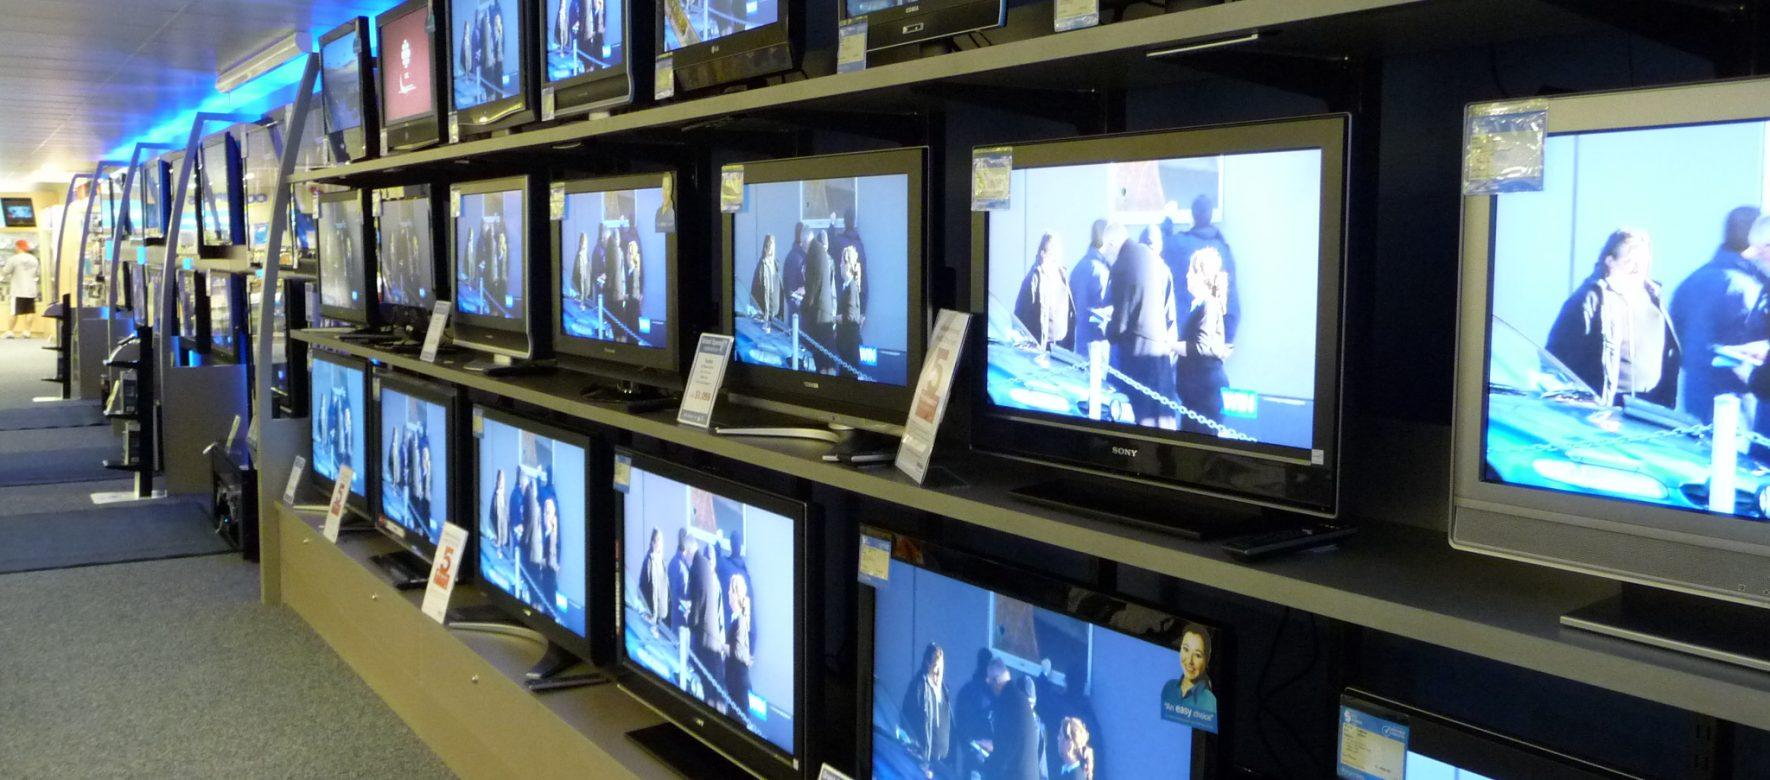 La télévision publique algérienne lance un appel à projets pour enrichir sa programmation